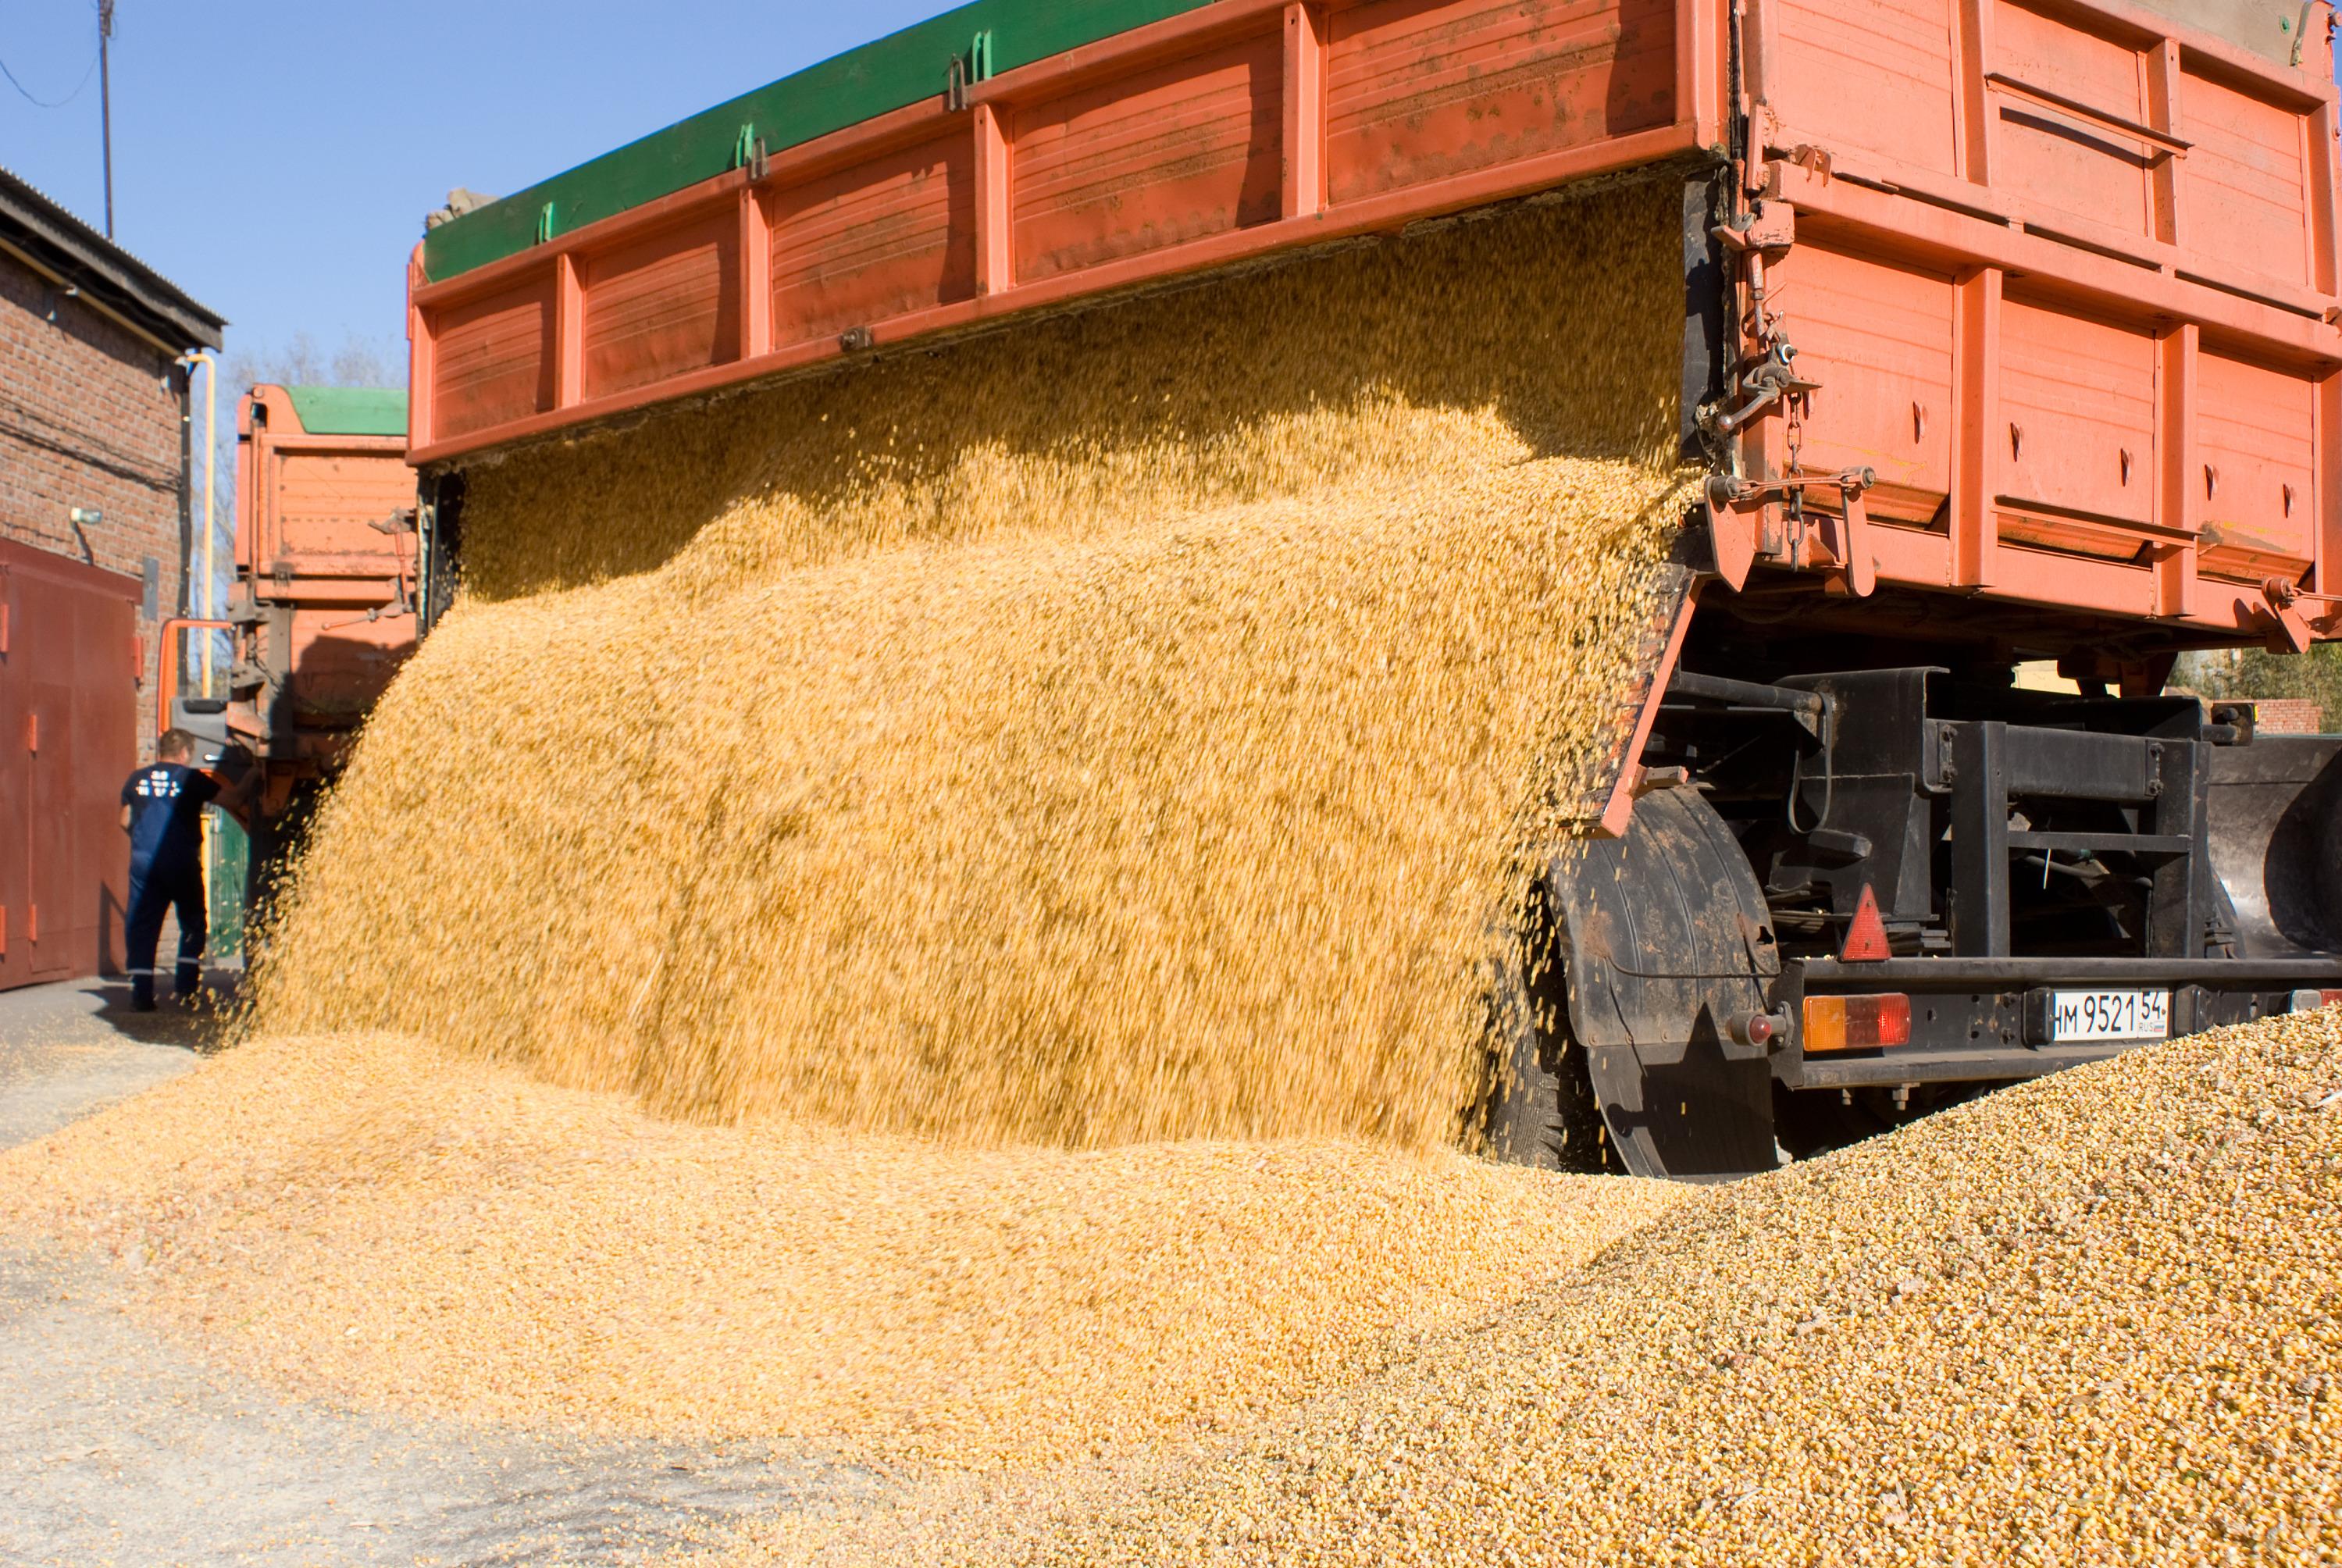 """В «Ирмени» — <nobr class=""""_"""">24 000 га</nobr> сельхозугодий, среднегодовая урожайность зерновых за последние <nobr class=""""_"""">10 лет —</nobr> <nobr class=""""_"""">45 ц/га</nobr>"""